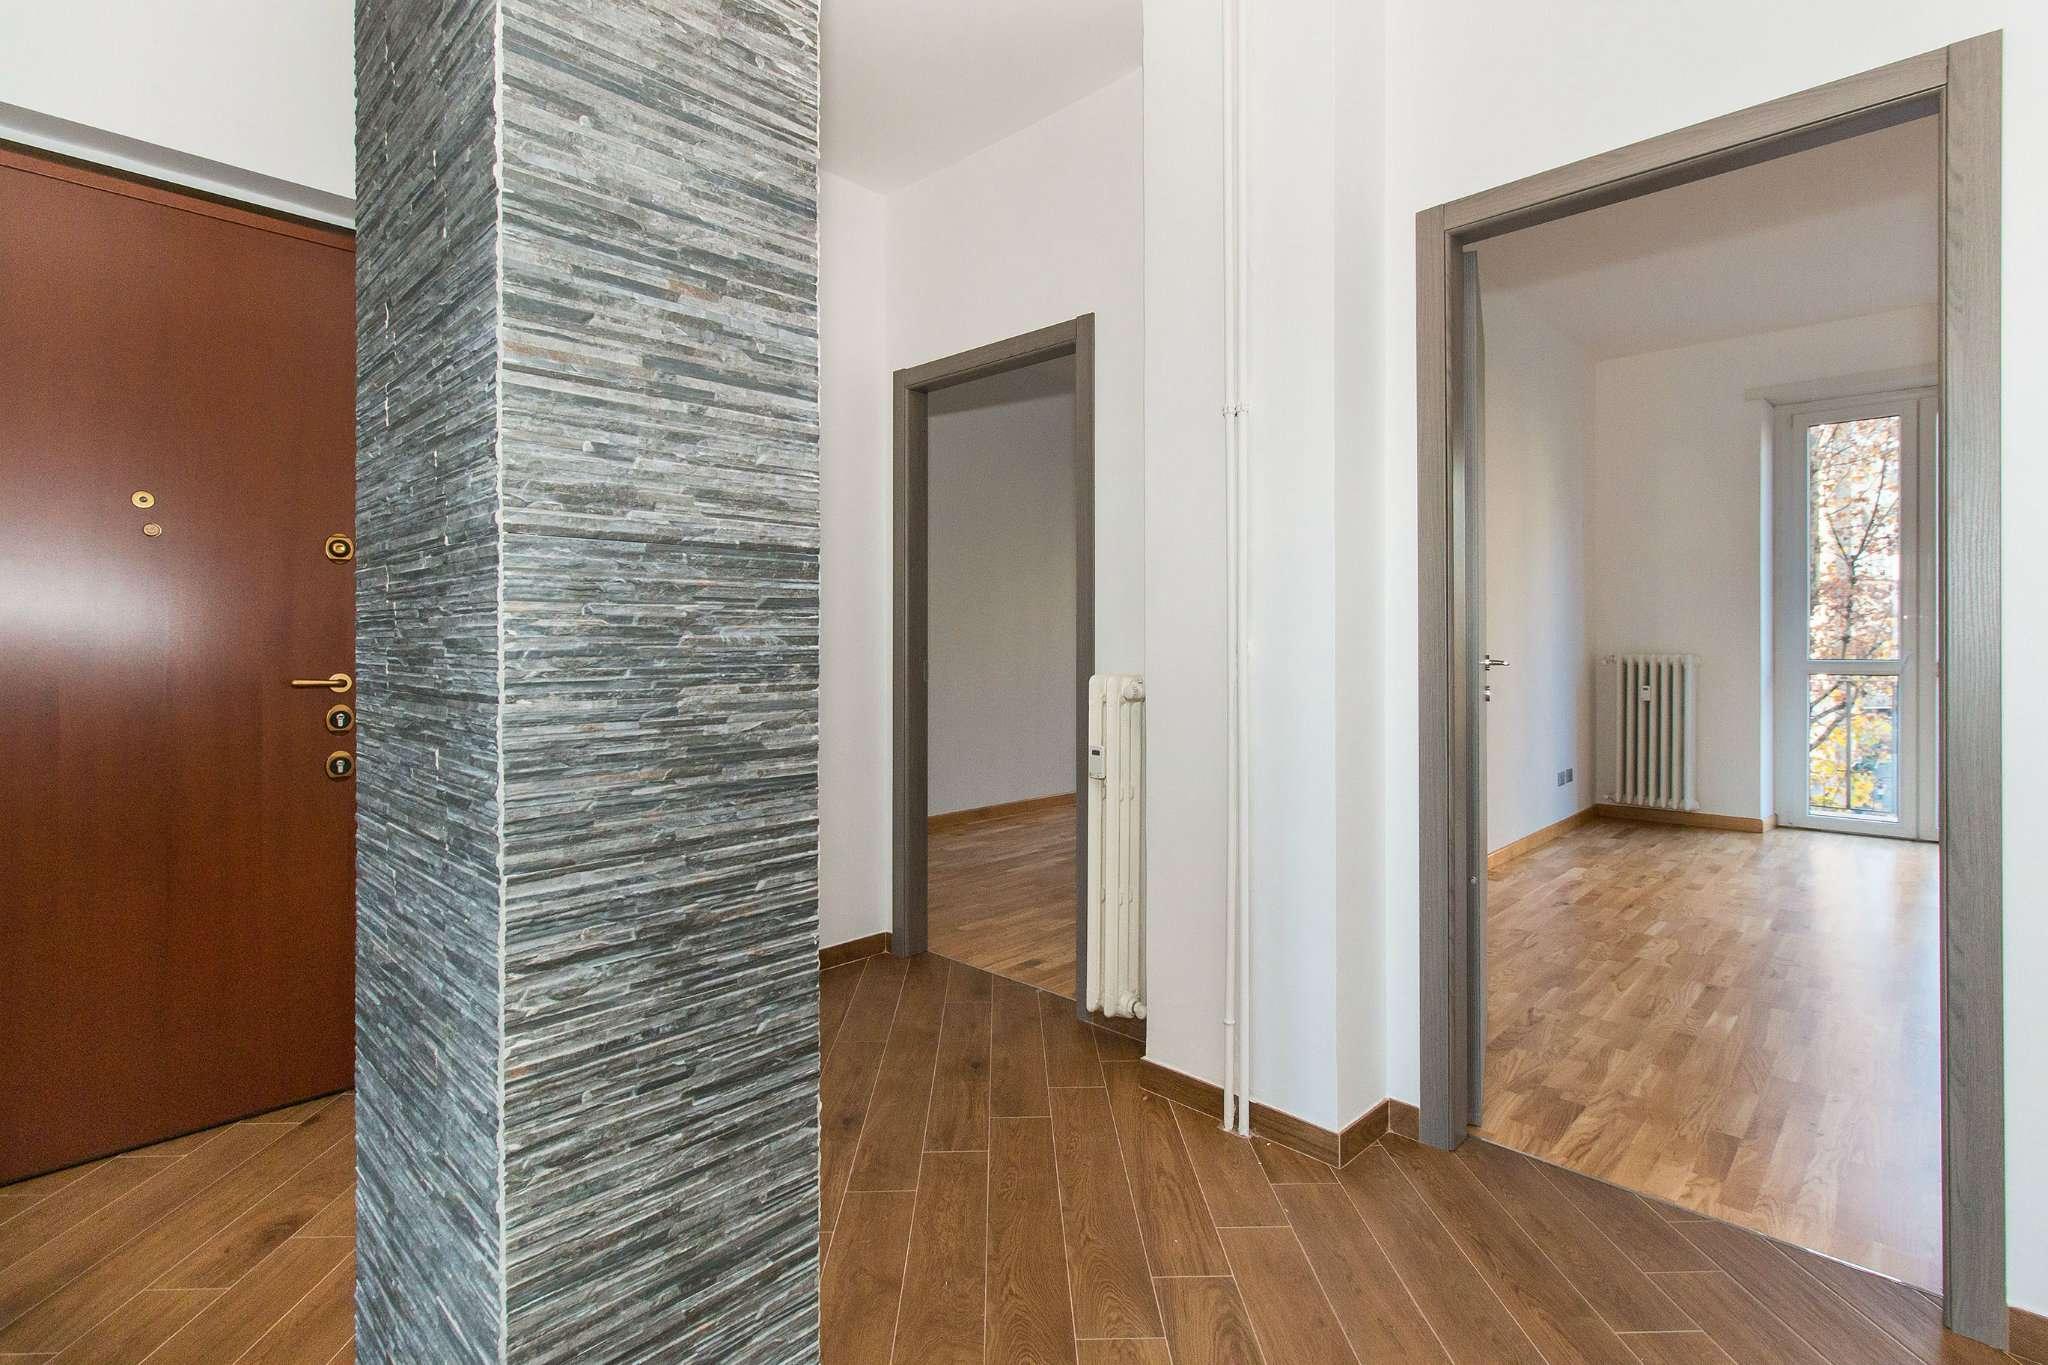 Appartamento in vendita Zona Cit Turin, San Donato, Campidoglio - corso Tassoni 74 Torino